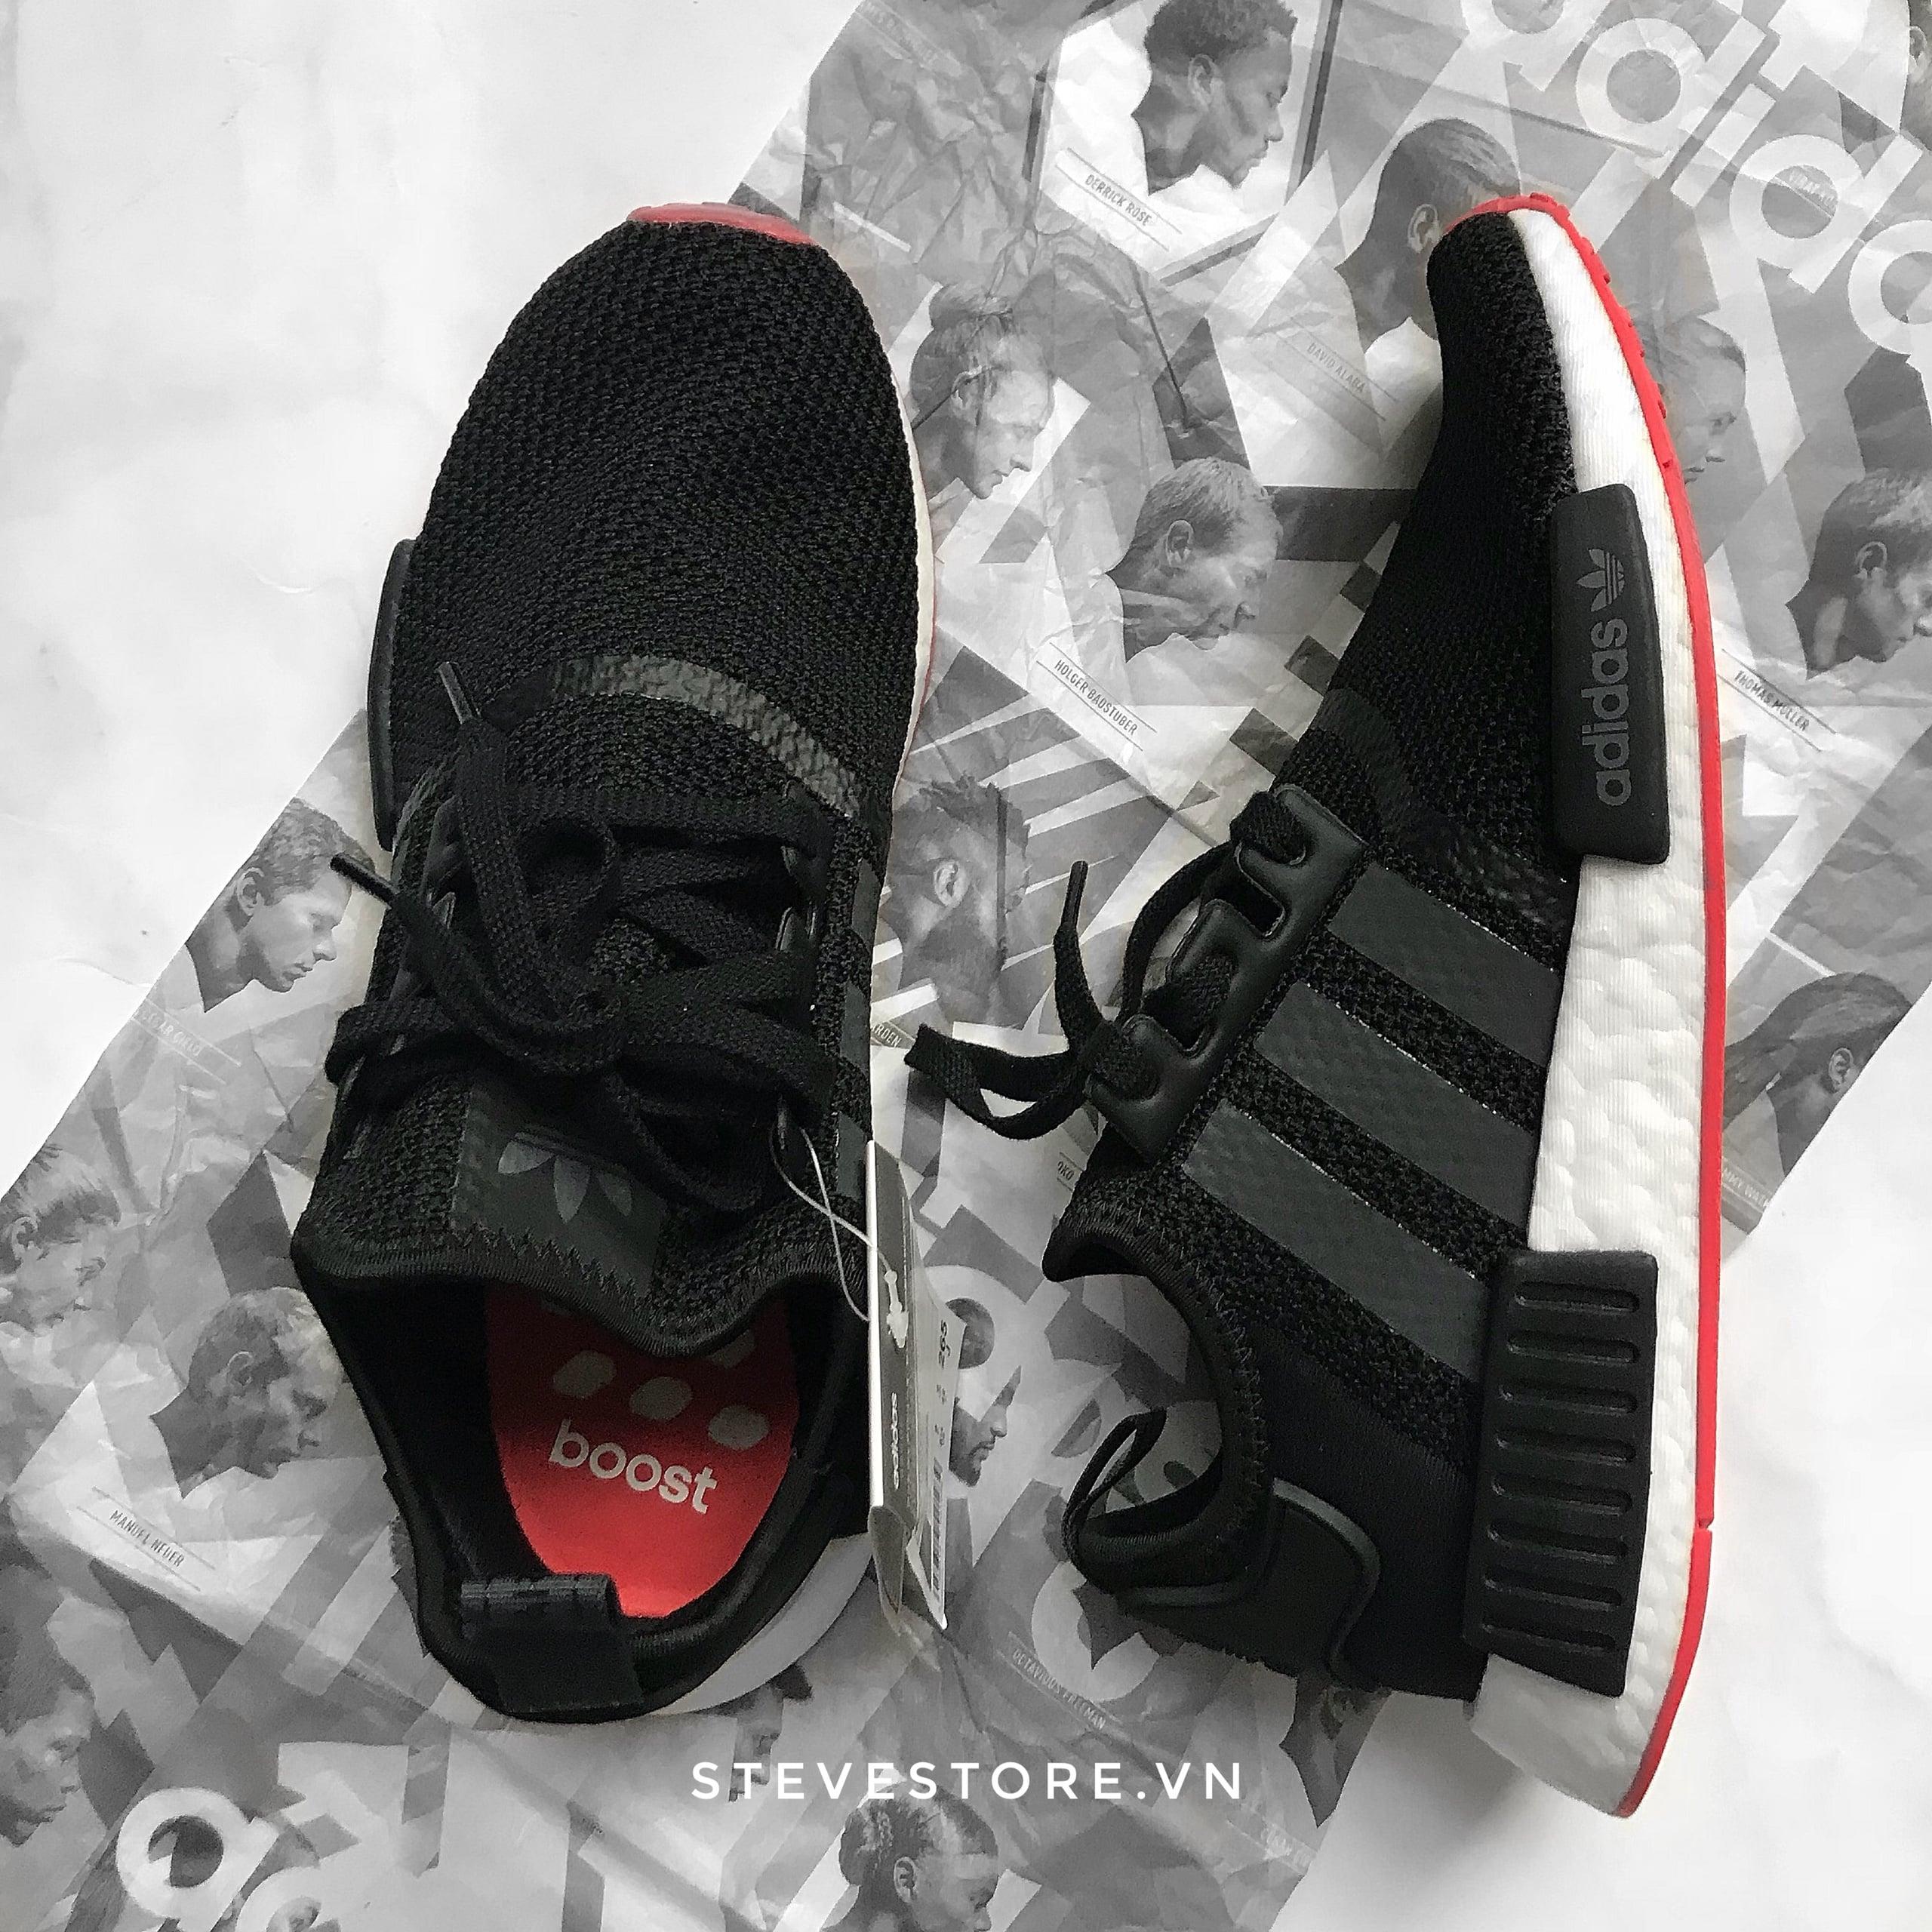 Hàng Chính Hãng Adidas NMD R1 Đen & Đỏ